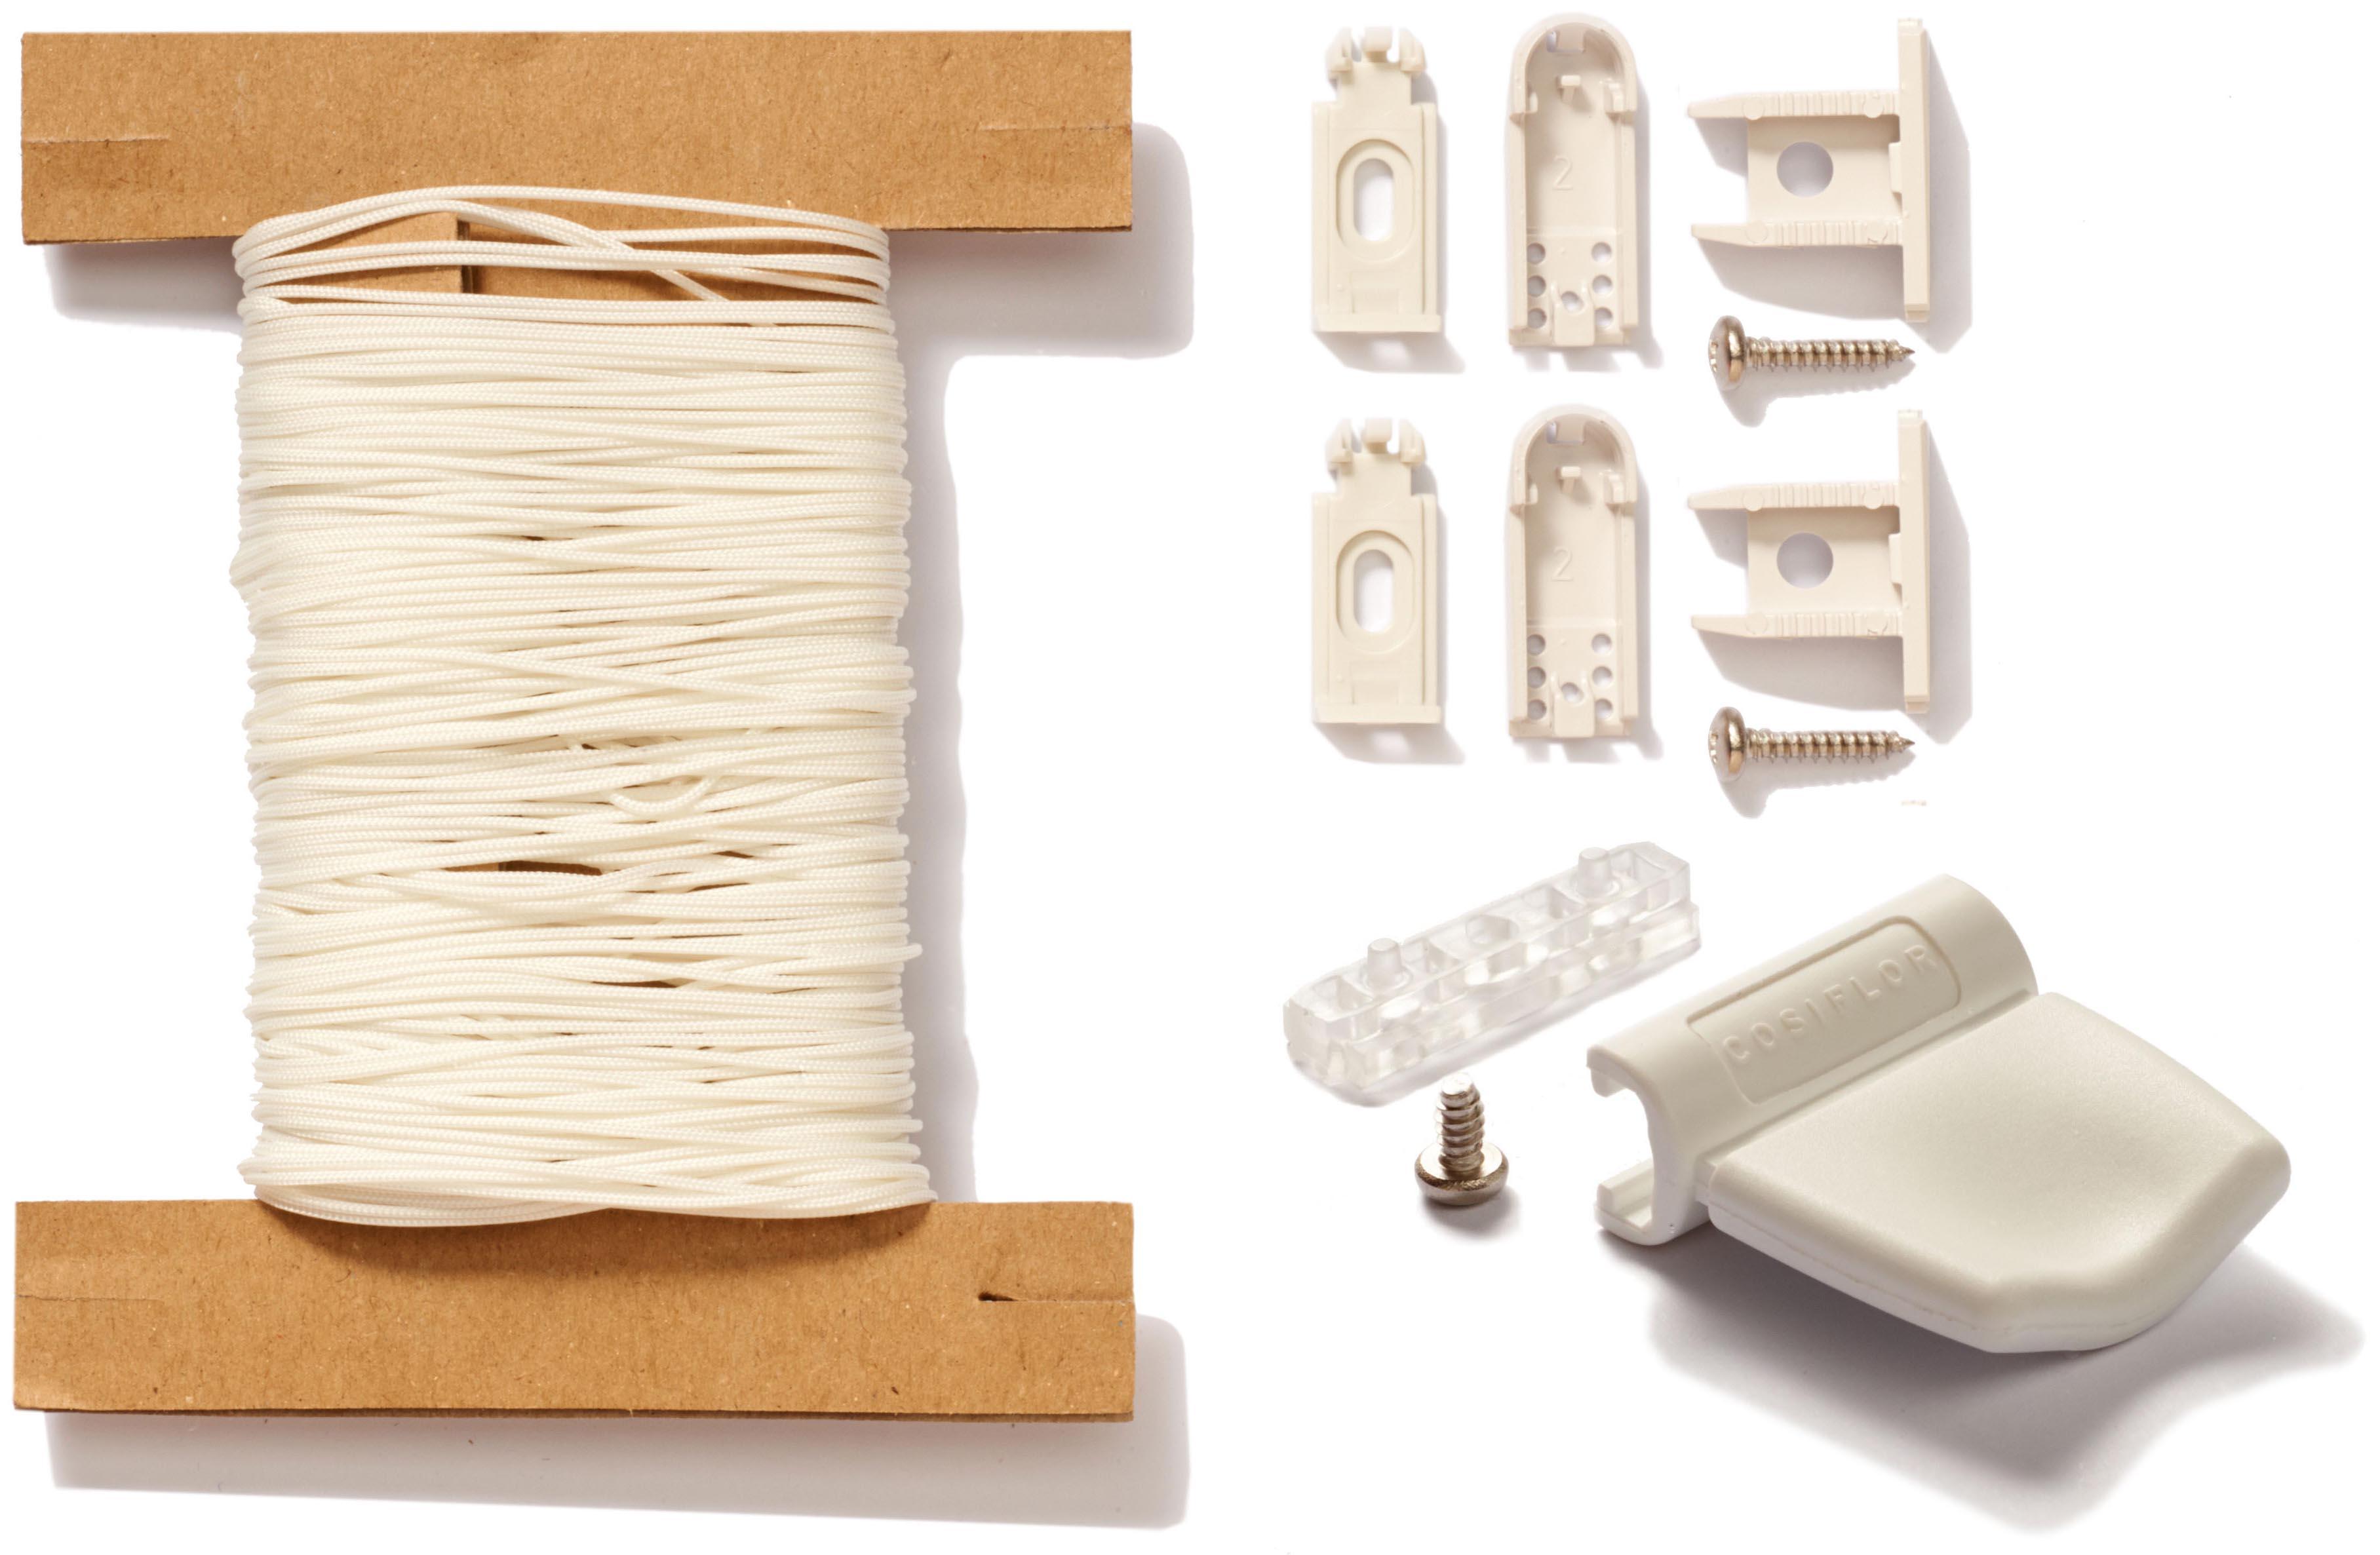 ersatzteile zur reparatur von cosiflor plissees plissee. Black Bedroom Furniture Sets. Home Design Ideas